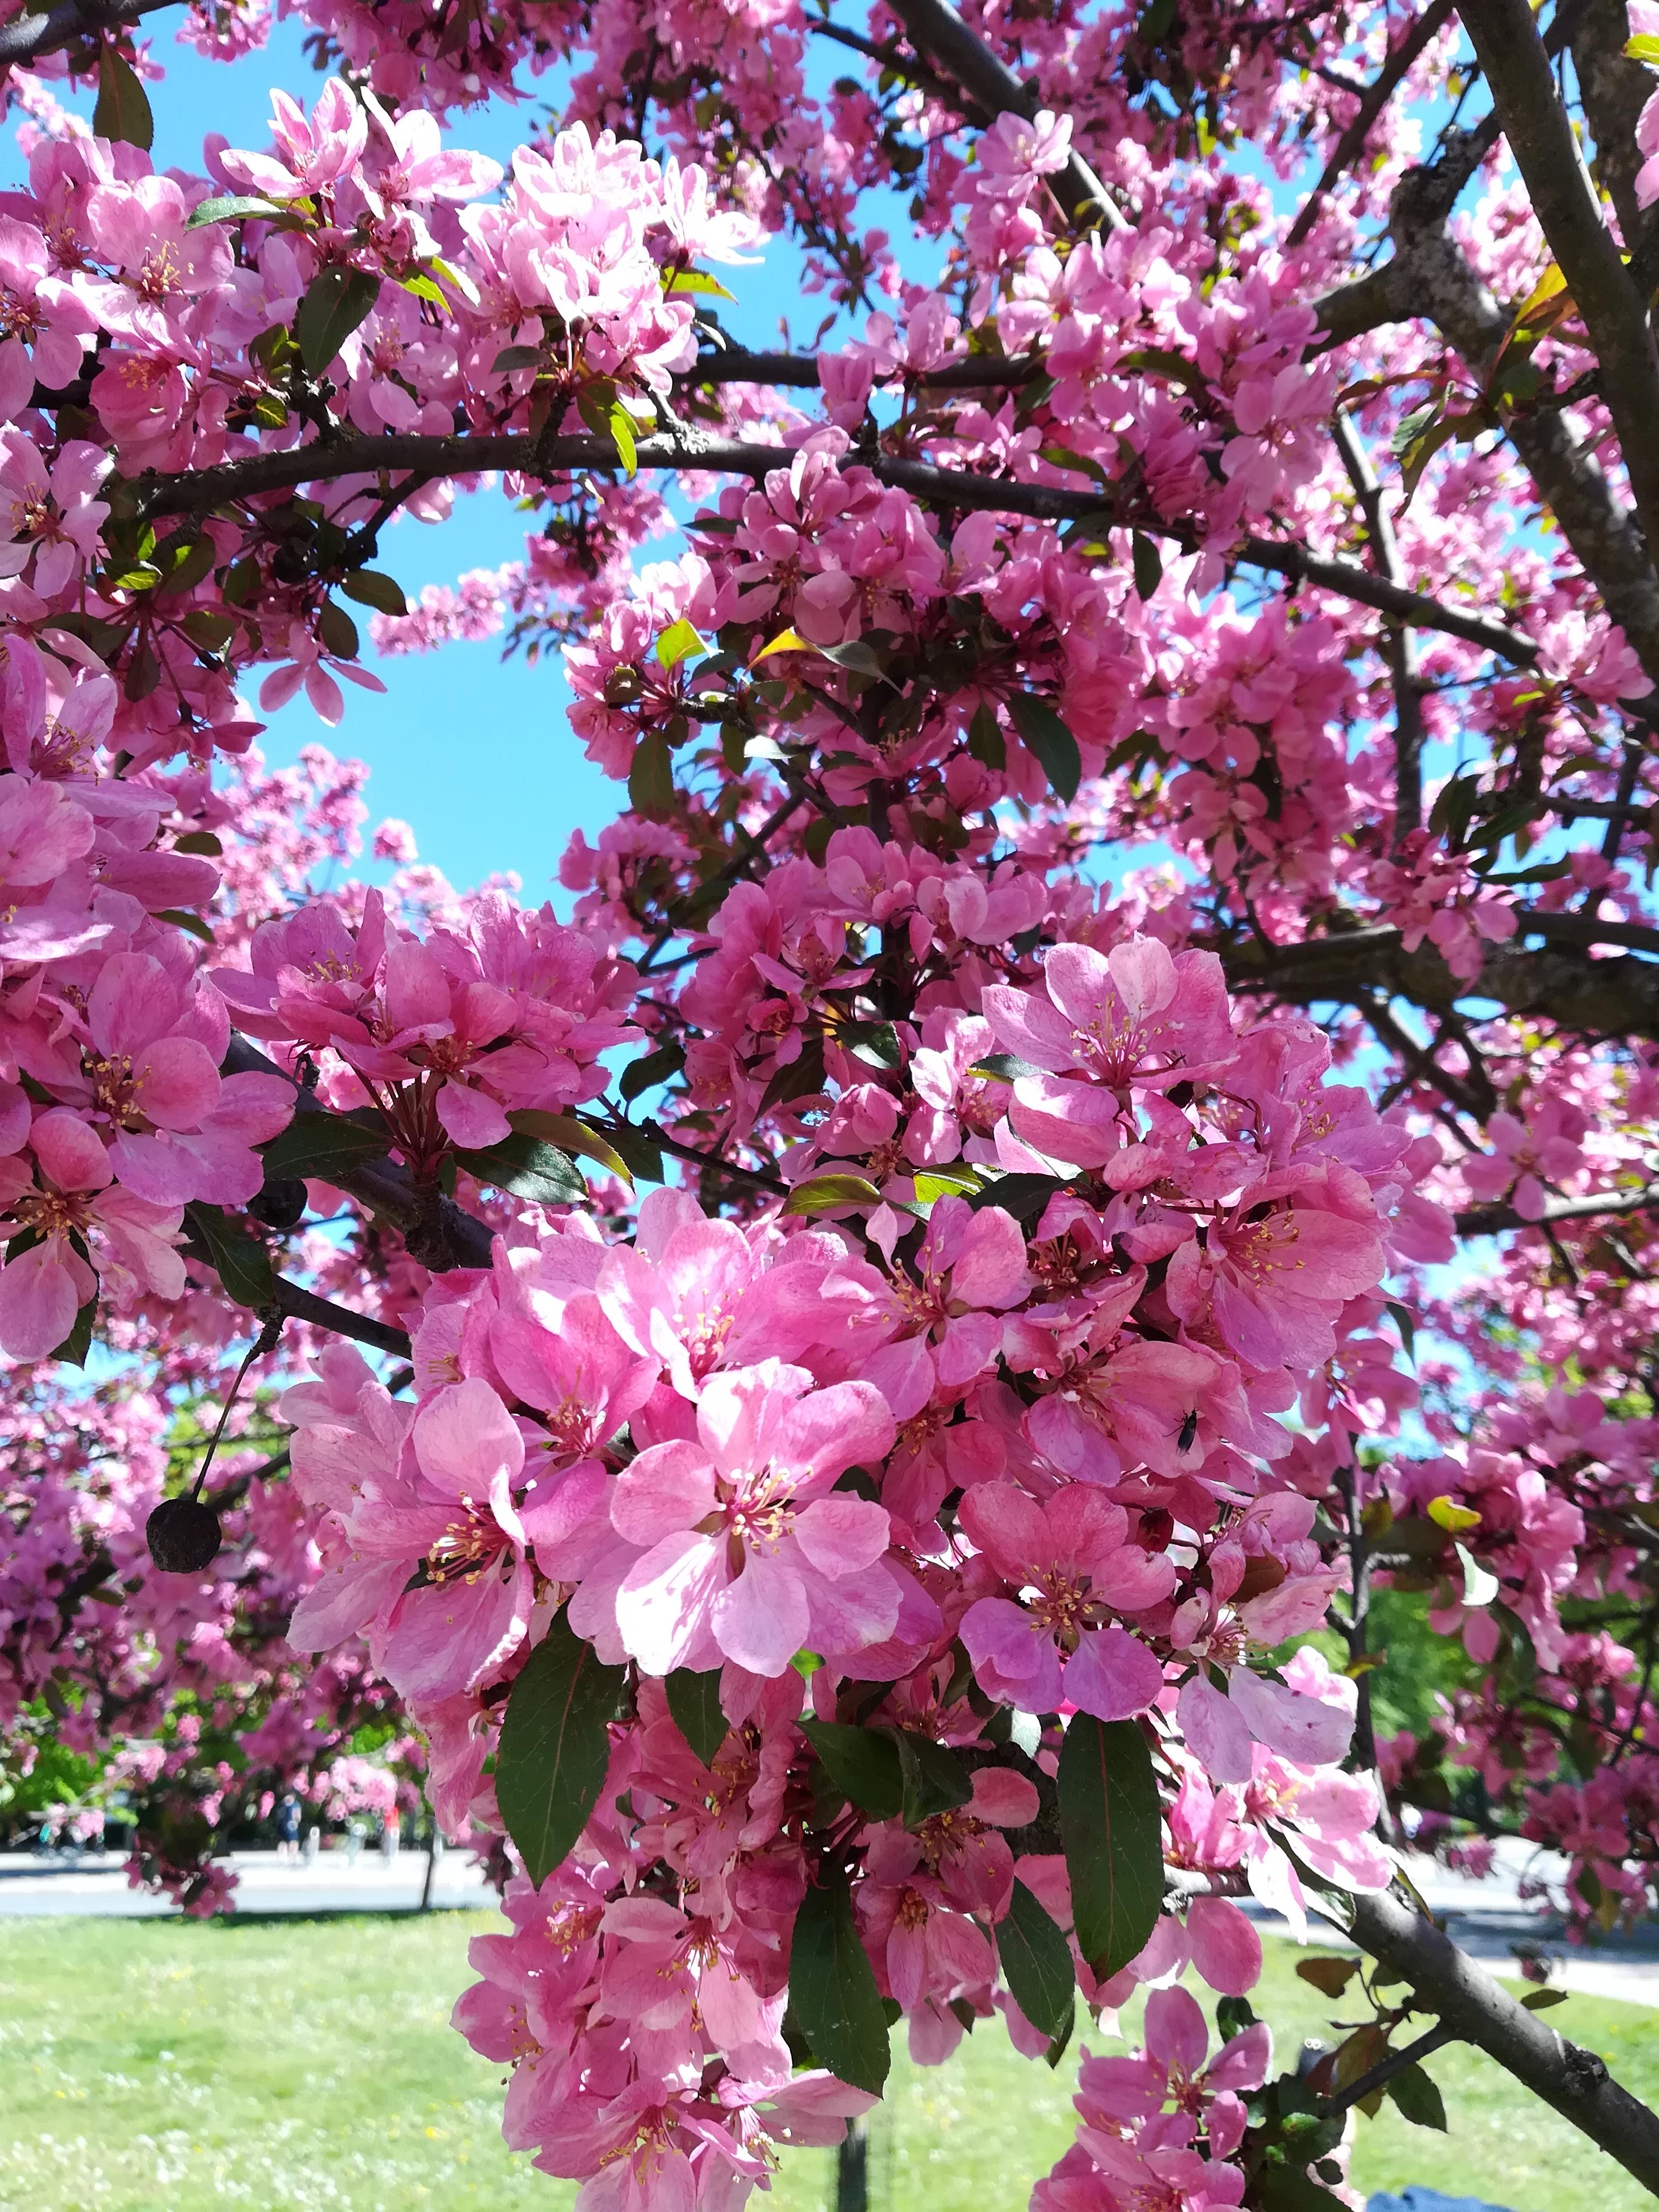 Uuden kutsumuksen löytämisestä, voimalauseista ja kuluneesta keväästä